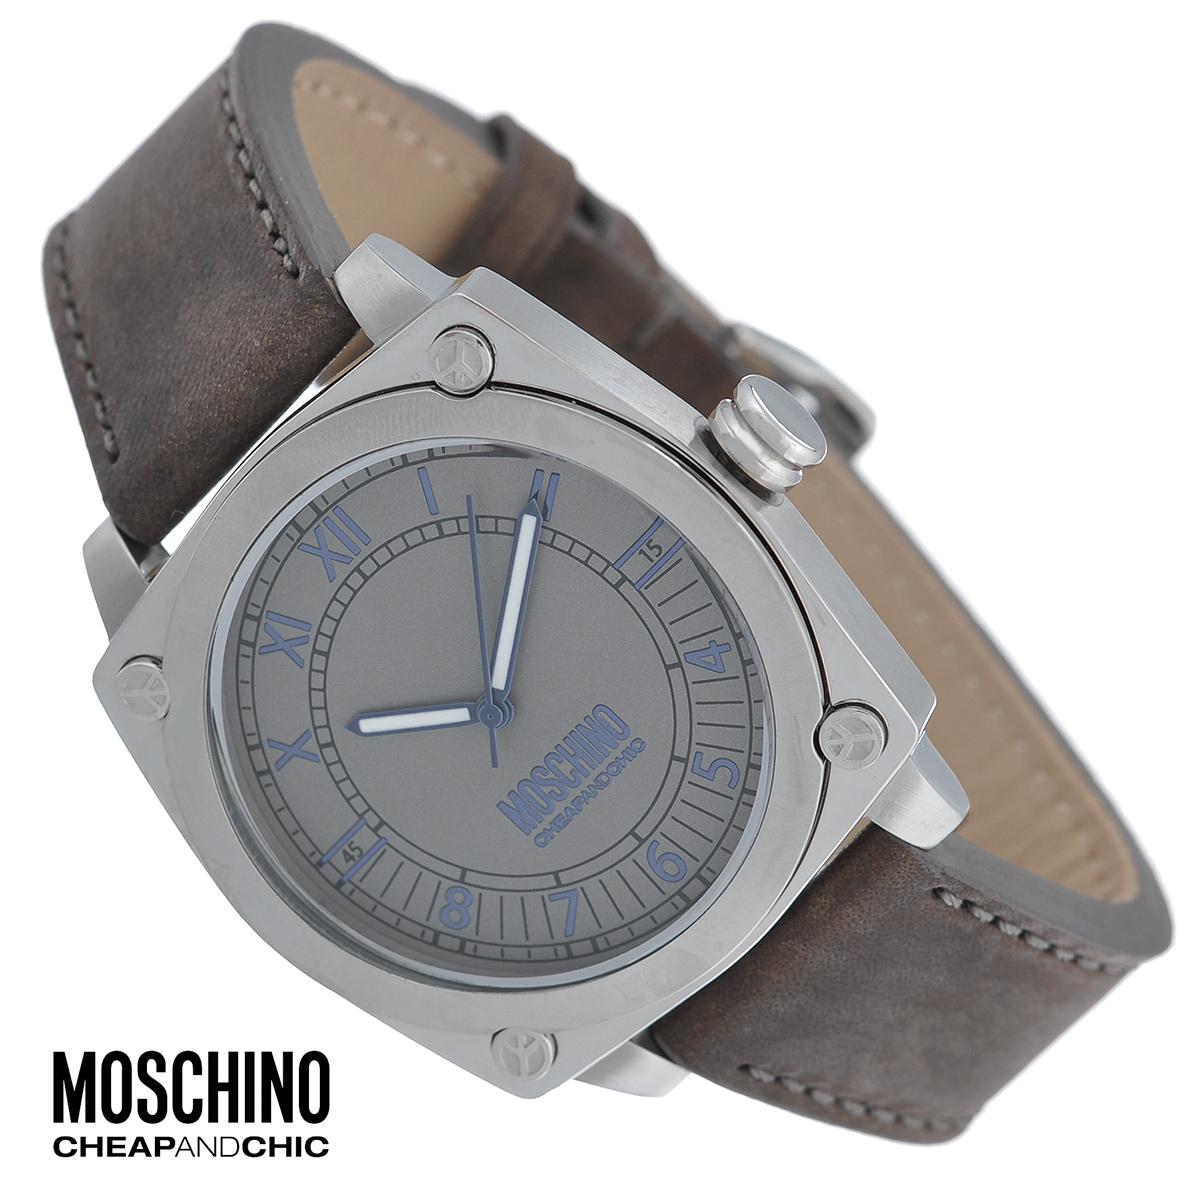 Часы мужские наручные Moschino, цвет: серебристый, коричневый. MW0295BM8434-58AEНаручные часы от известного итальянского бренда Moschino - это не только стильный и функциональный аксессуар, но и современные технологи, сочетающиеся с экстравагантным дизайном и индивидуальностью. Часы Moschino оснащены кварцевым механизмом. Корпус выполнен из высококачественной нержавеющей стали с сатиновой полировкой. Циферблат с римскими и арабскими цифрами защищен минеральным стеклом. Часы имеют три стрелки - часовую, минутную и секундную. Ремешок часов выполнен из толстой натуральной кожи и оснащен классической застежкой. Часы упакованы в фирменную металлическую коробку с логотипом бренда. Часы Moschino благодаря своему уникальному дизайну отличаются от часов других марок своеобразными циферблатами, функциональностью, а также набором уникальных технических свойств. Каждой модели присуща легкая экстравагантность, самобытность и, безусловно, великолепный вкус. Характеристики:Диаметр циферблата: 3,5 см.Размер корпуса: 4,4 см х 4,5 см х 1 см.Длина ремешка (с корпусом): 26 см.Ширина ремешка: 2 см.